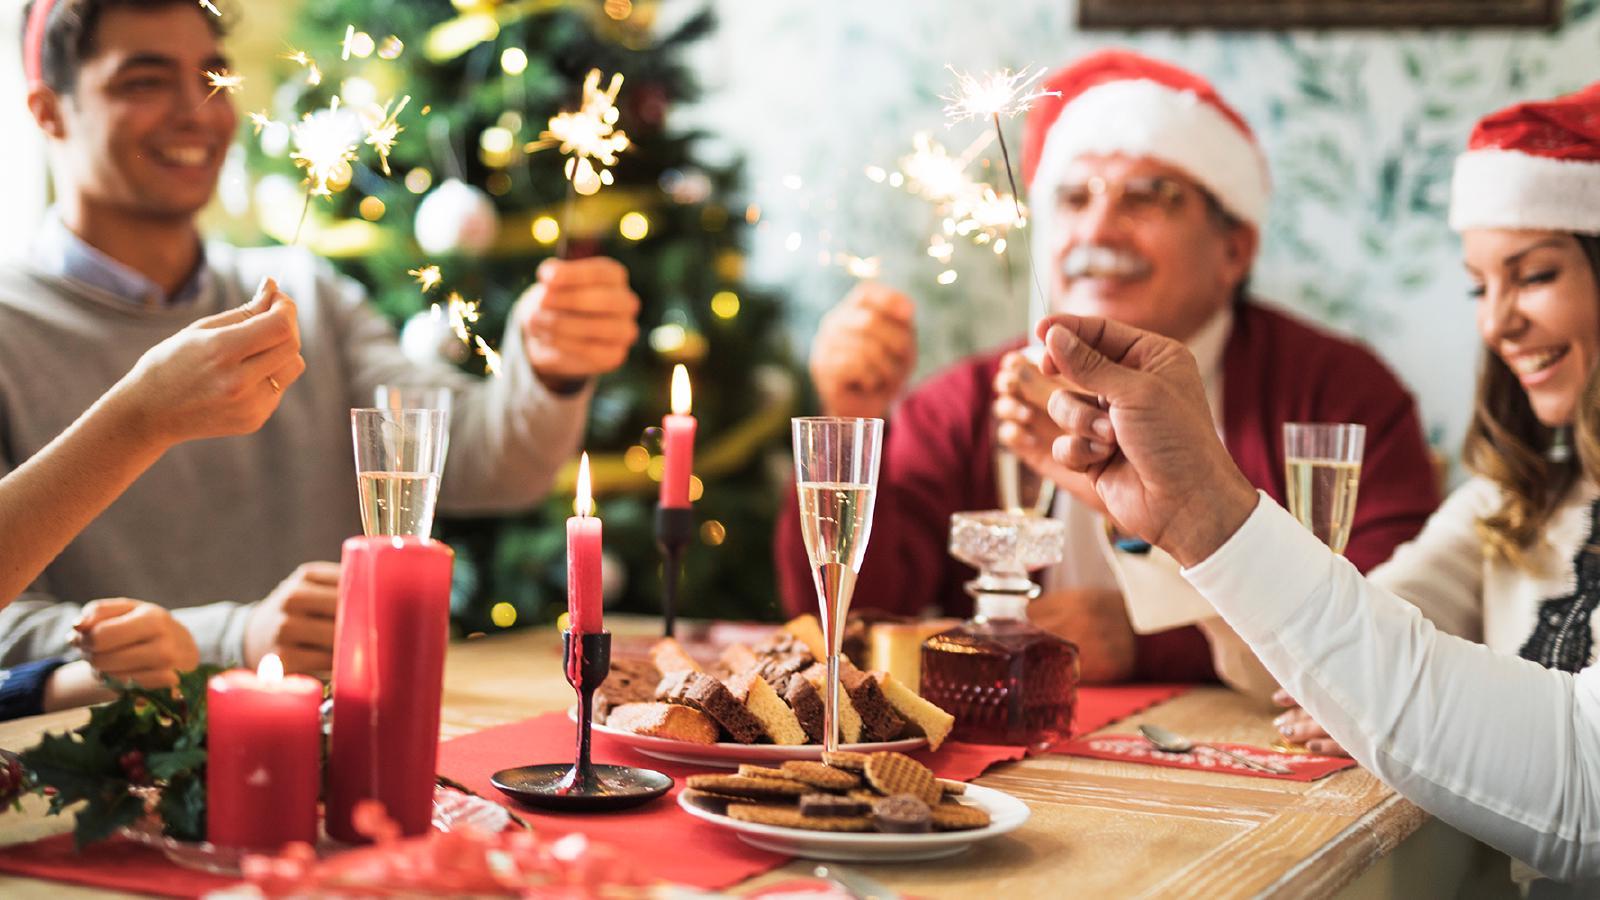 Para tener una Navidad segura sin Covid-19, solo descarga esta app y sigue las recomendaciones